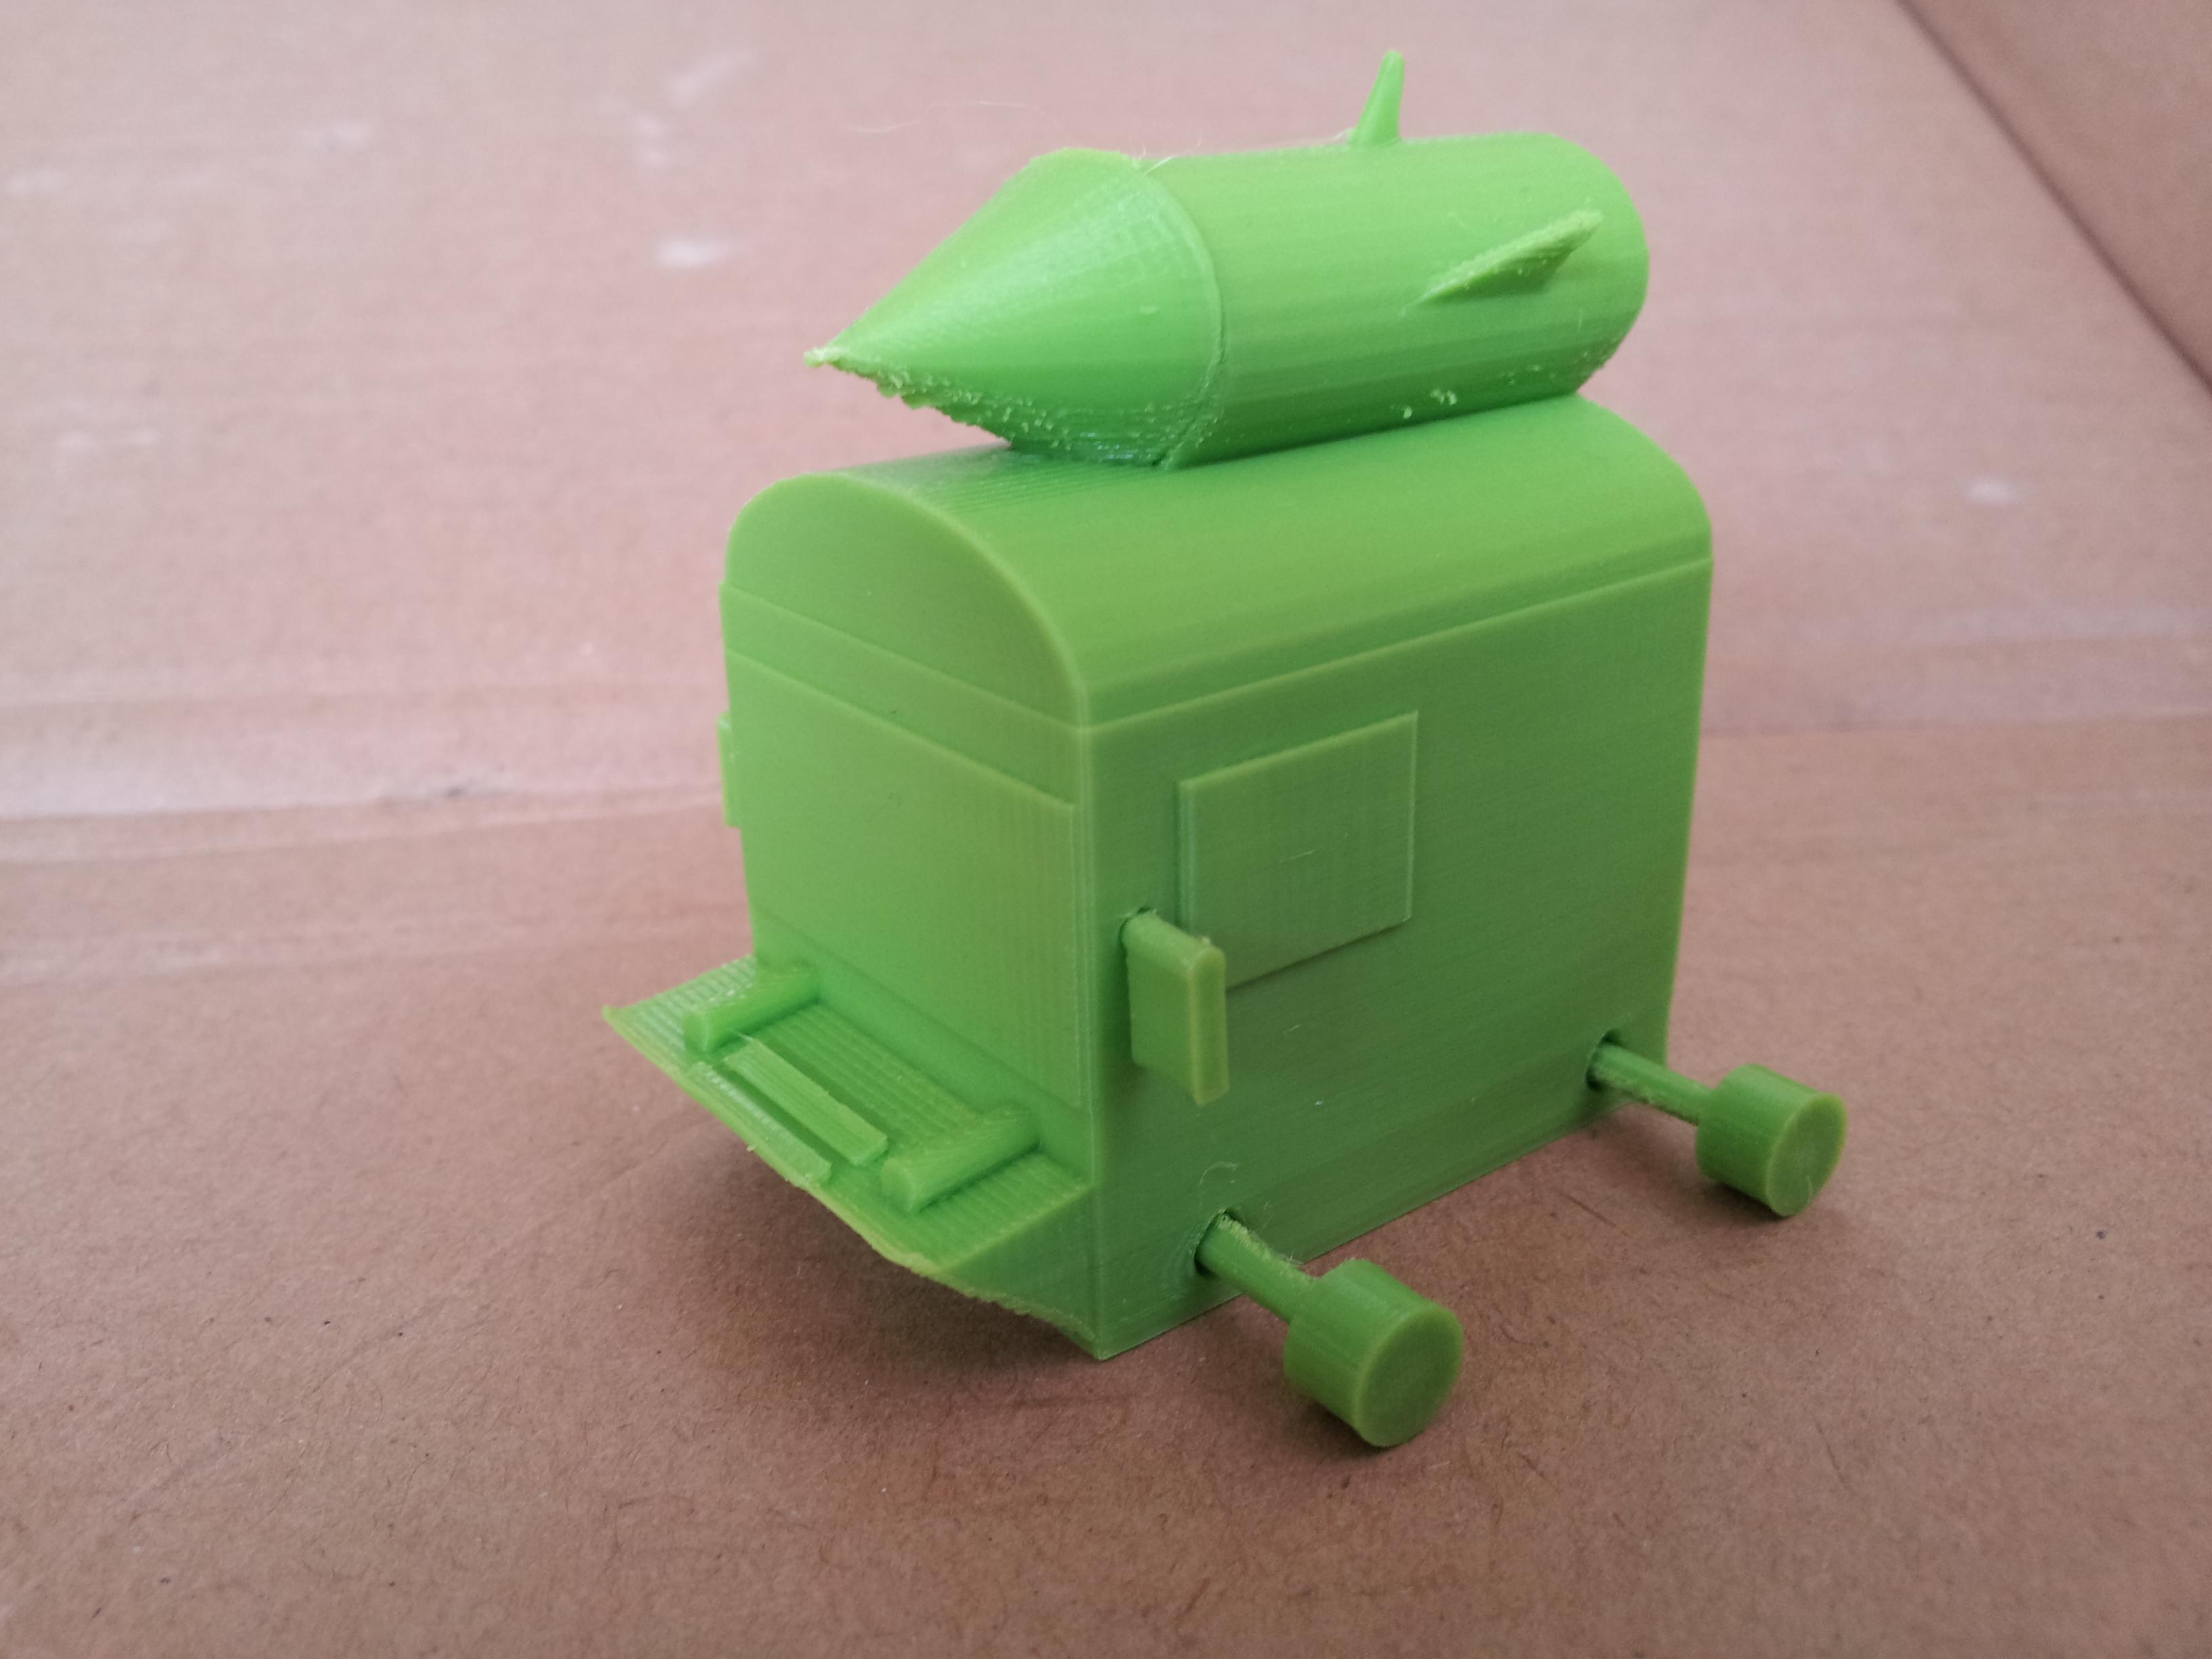 משאית עם טיל בהדפסה תלת מימדית